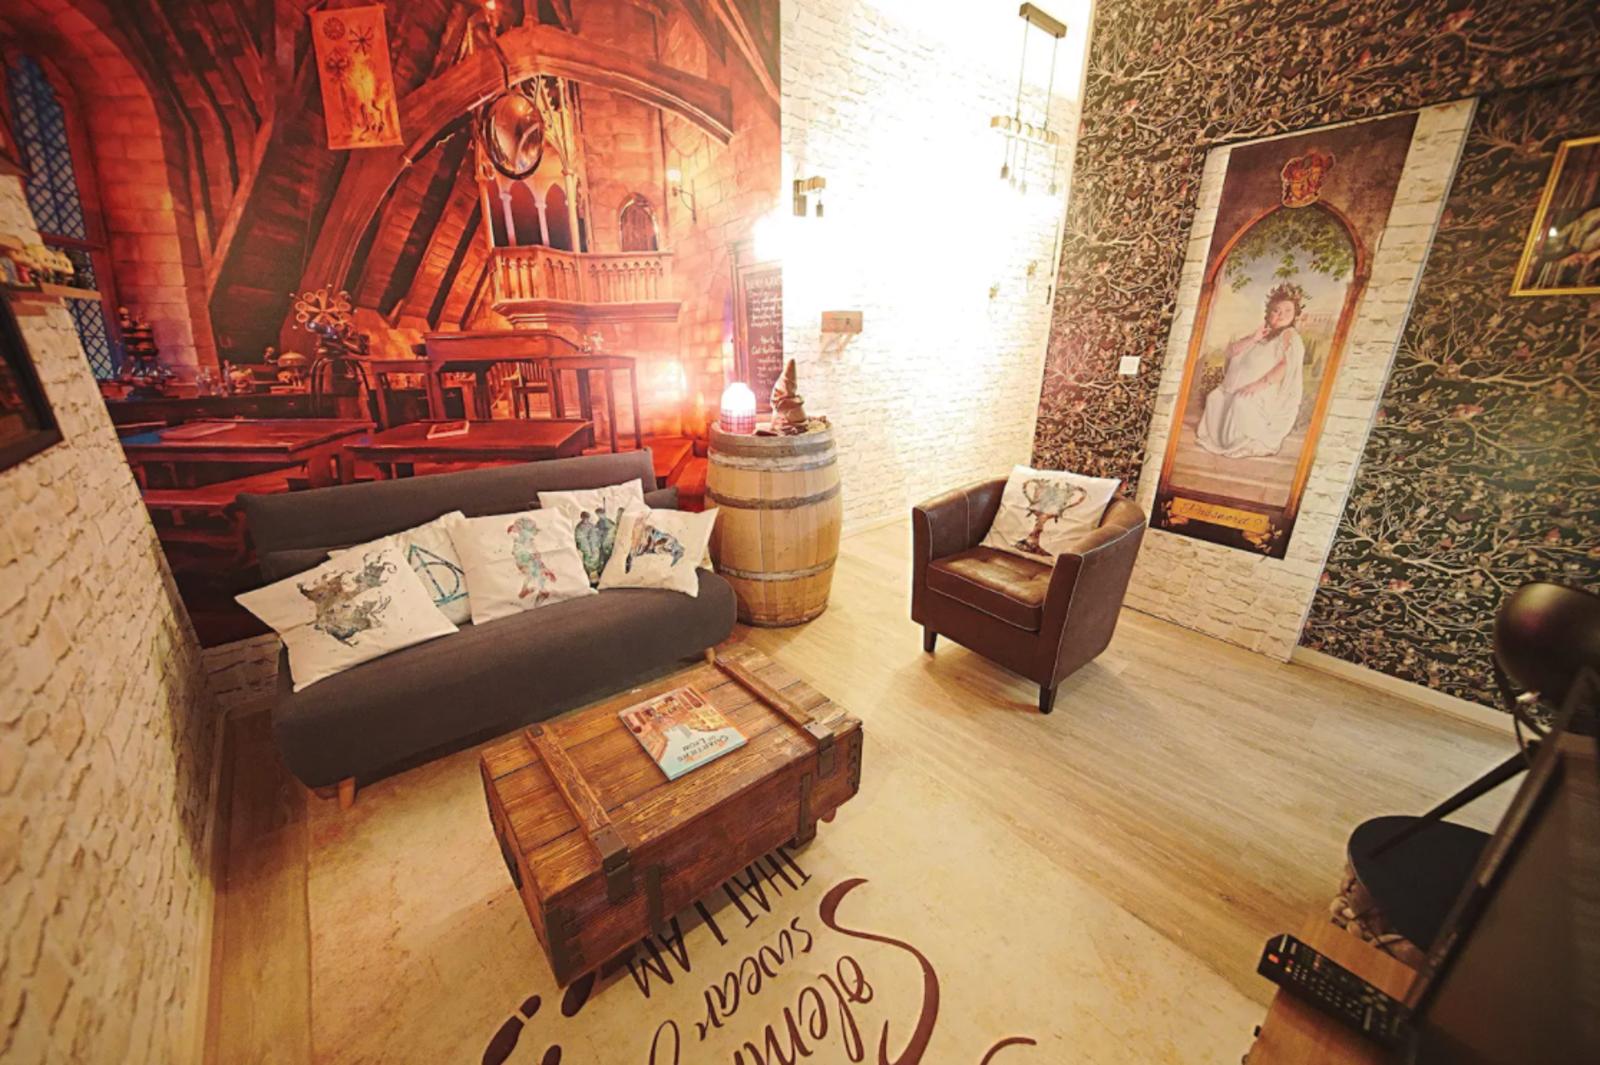 France, Harry Potter, Harry Potter Airbnb Lyon